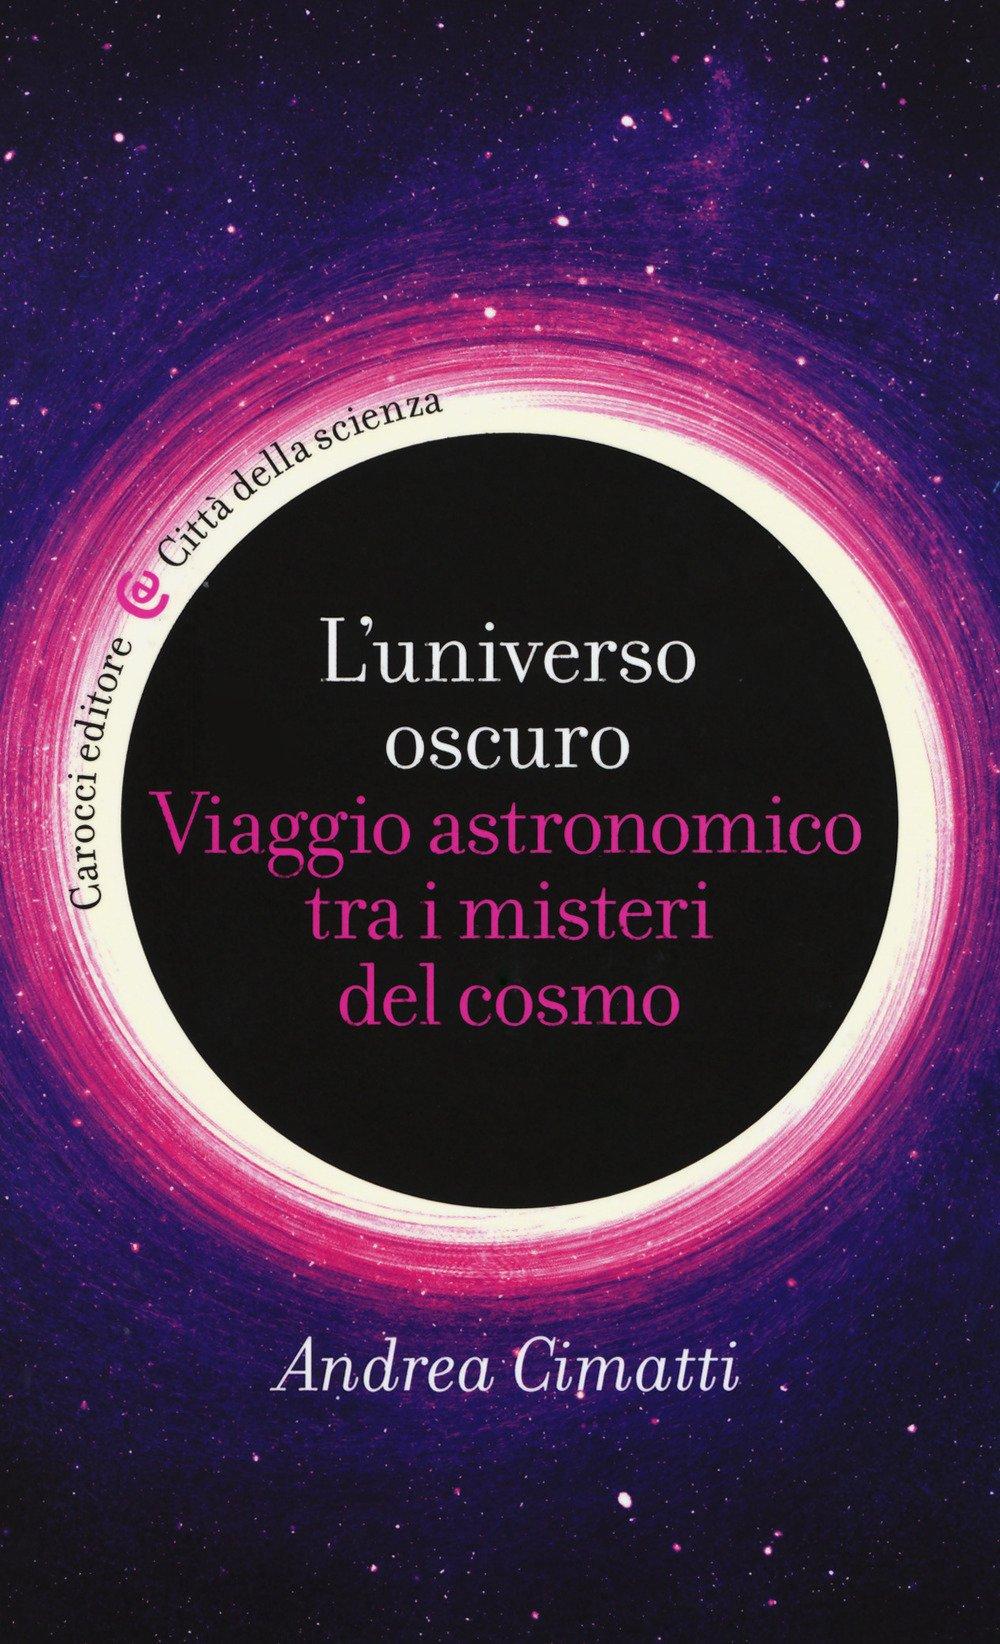 L'universo oscuro